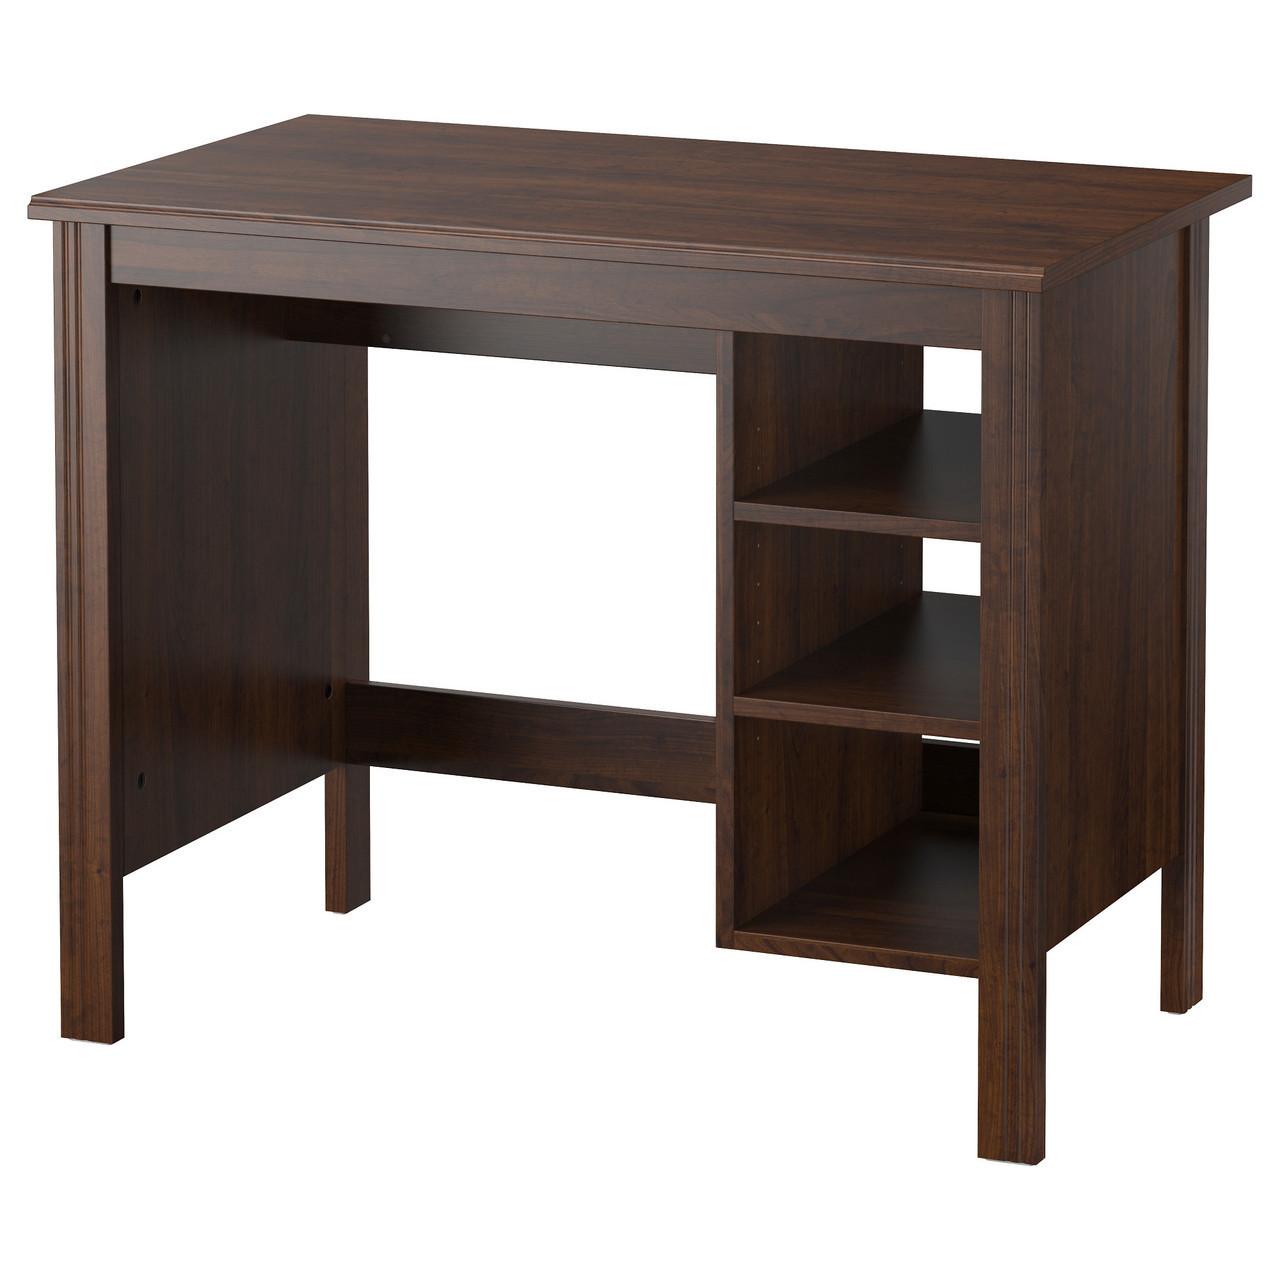 Компьютерный стол IKEA BRUSALI коричневый 303.022.99